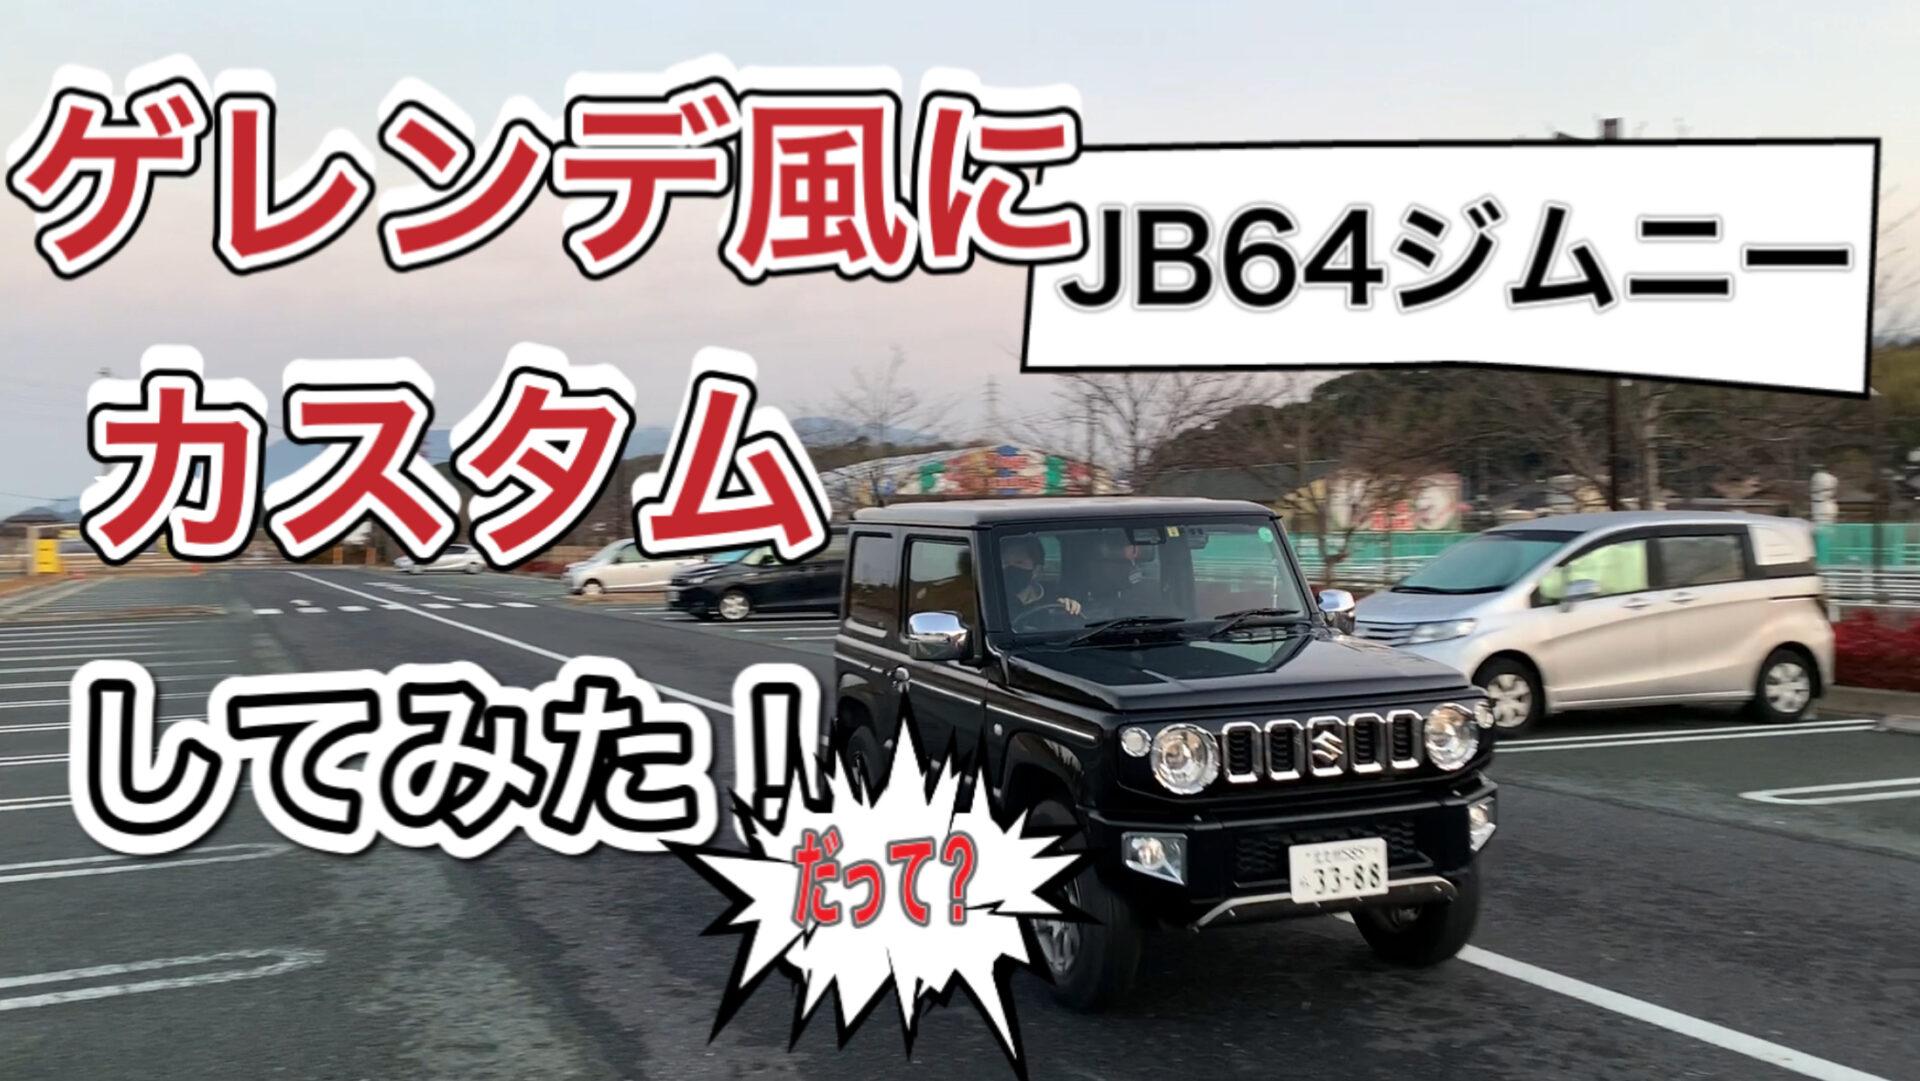 【JB64】ジムニーはカスタムの仕方次第で、全く別の車種になる!